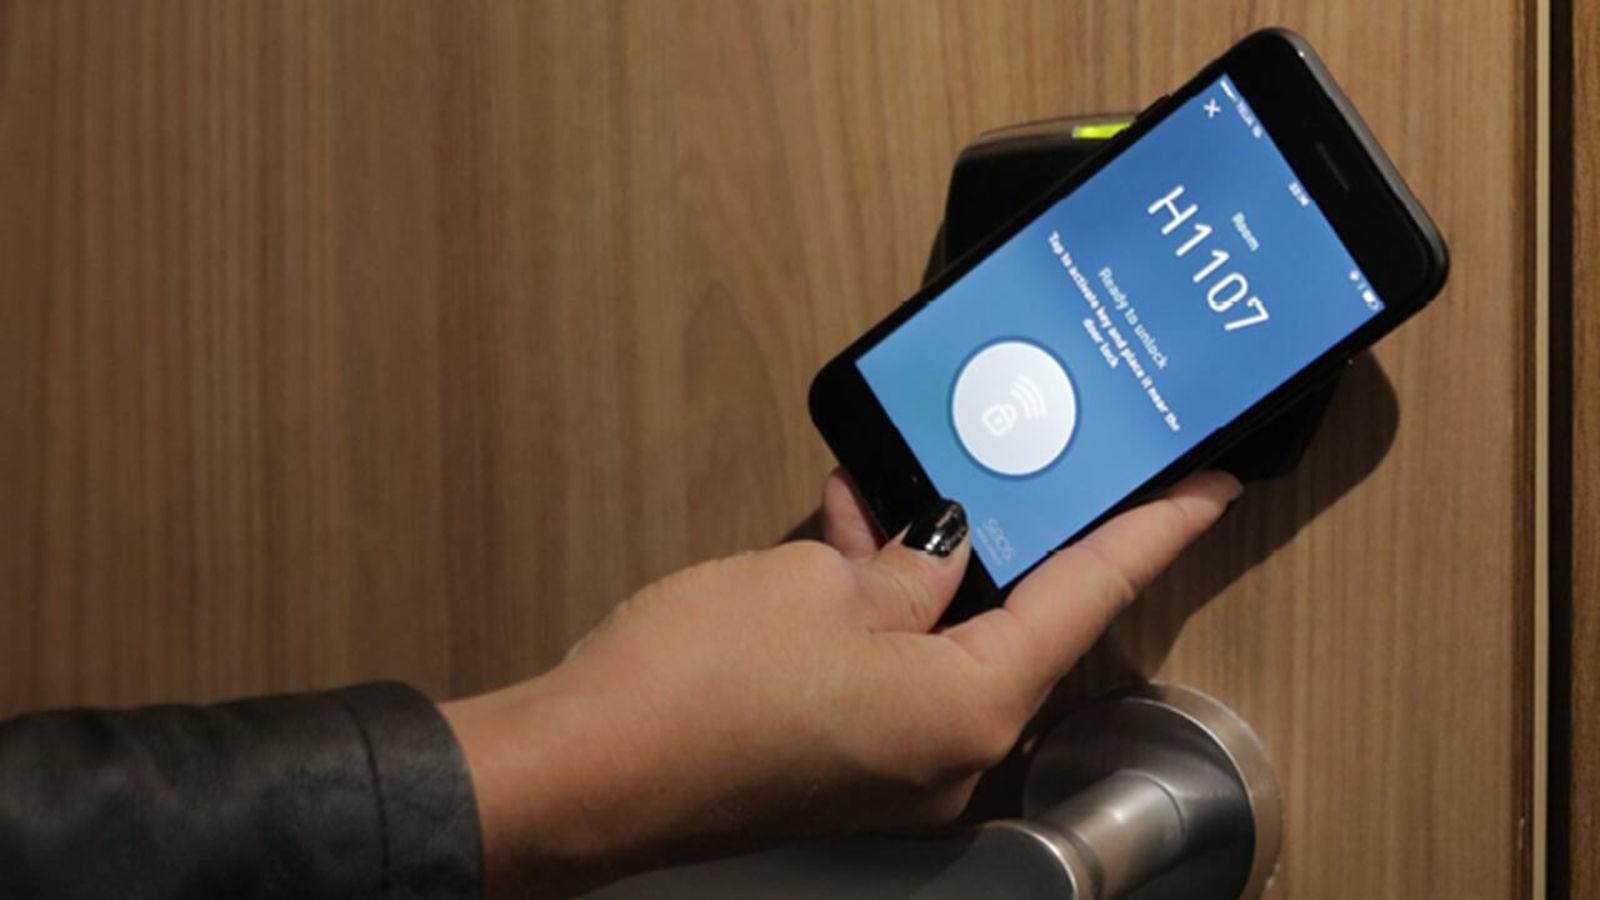 Mobile Key at Hobo